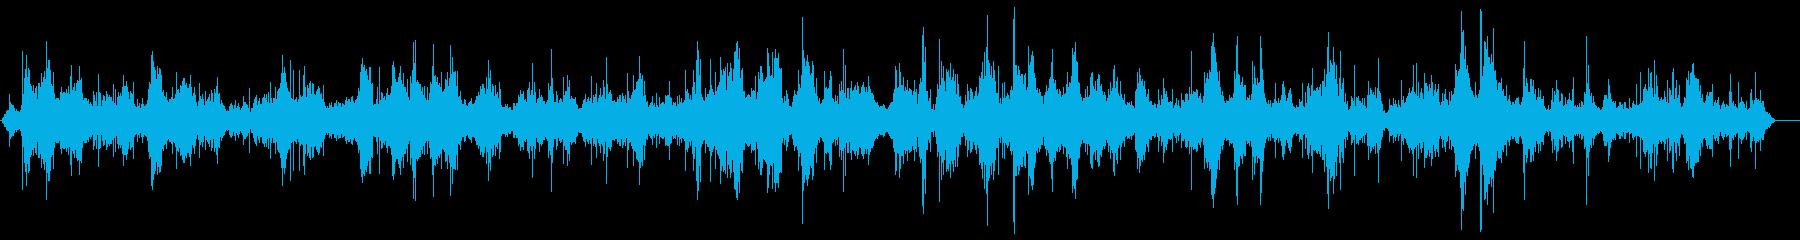 波-中-岩-活発で不規則-近いの再生済みの波形